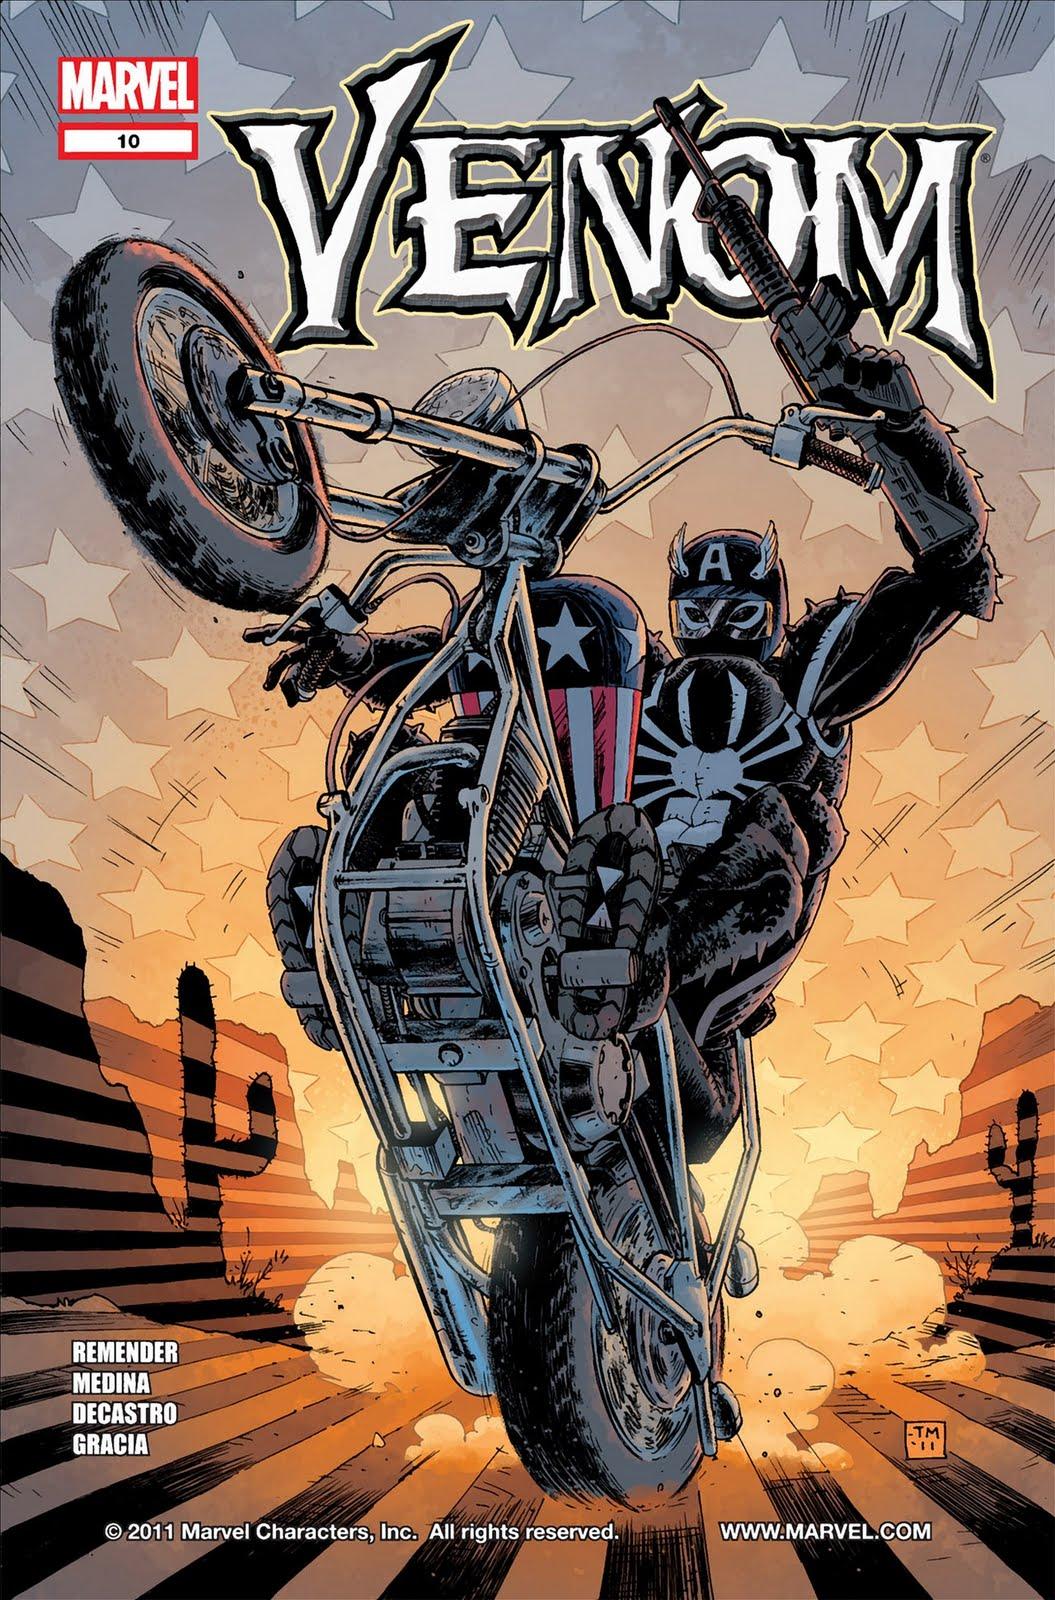 Venom # 10 review